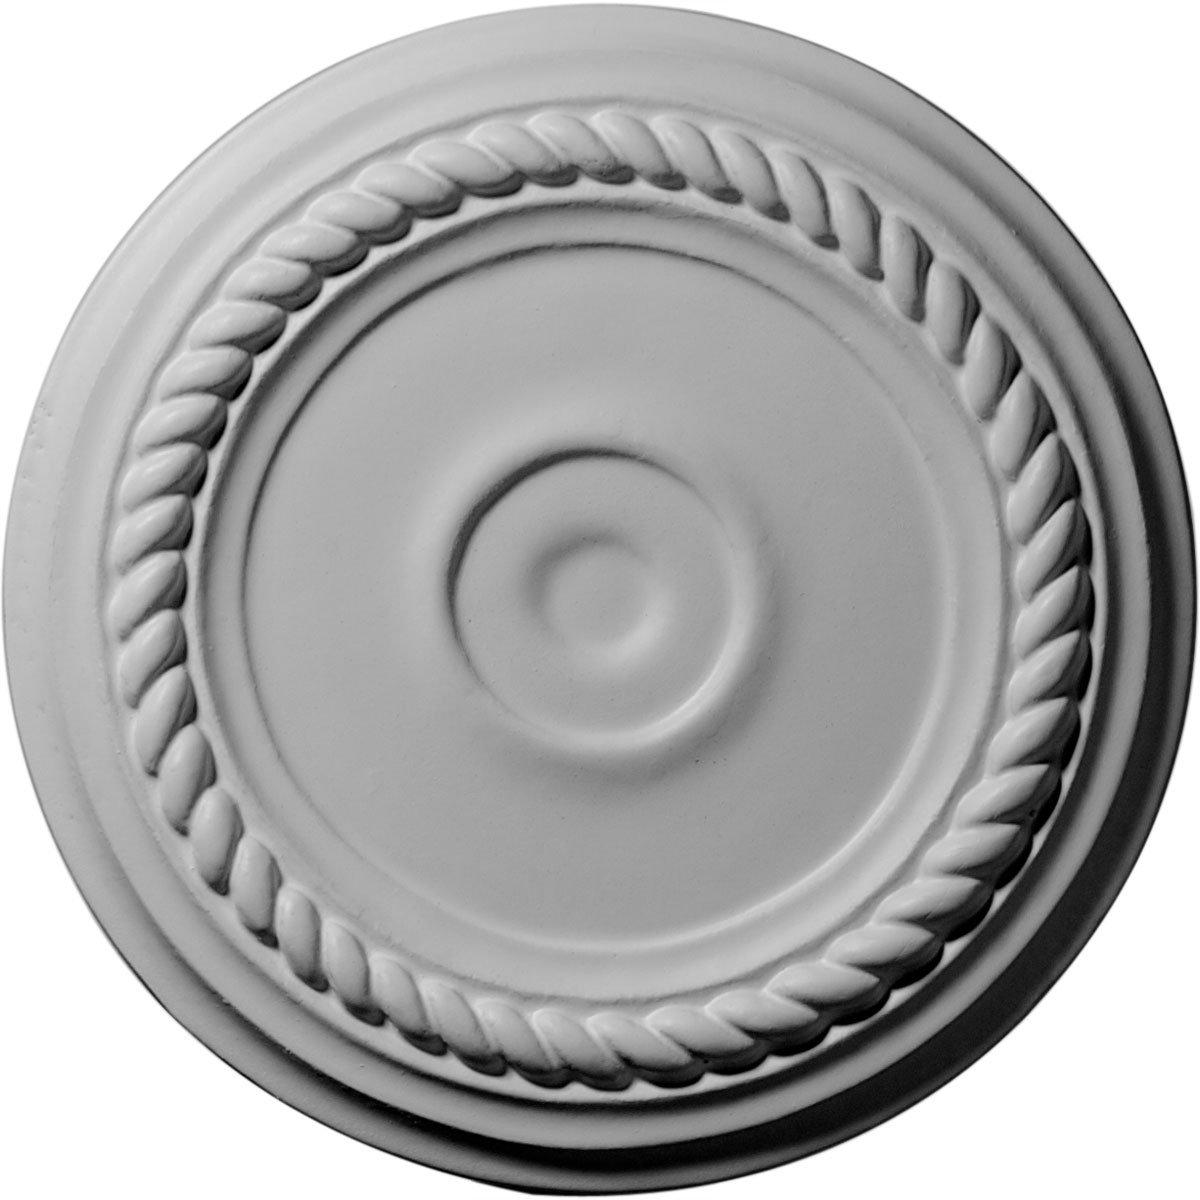 Ekena Millwork CM07AL 7 7 8 Inch OD x 1 1 8 Inch ID x 3 4 Inch Small Alexandria Ceiling Medallion